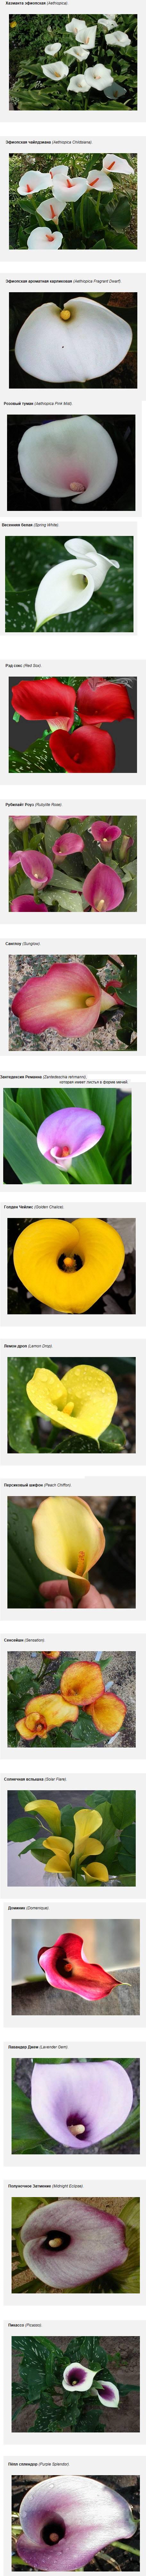 Как выглядит цветок калла